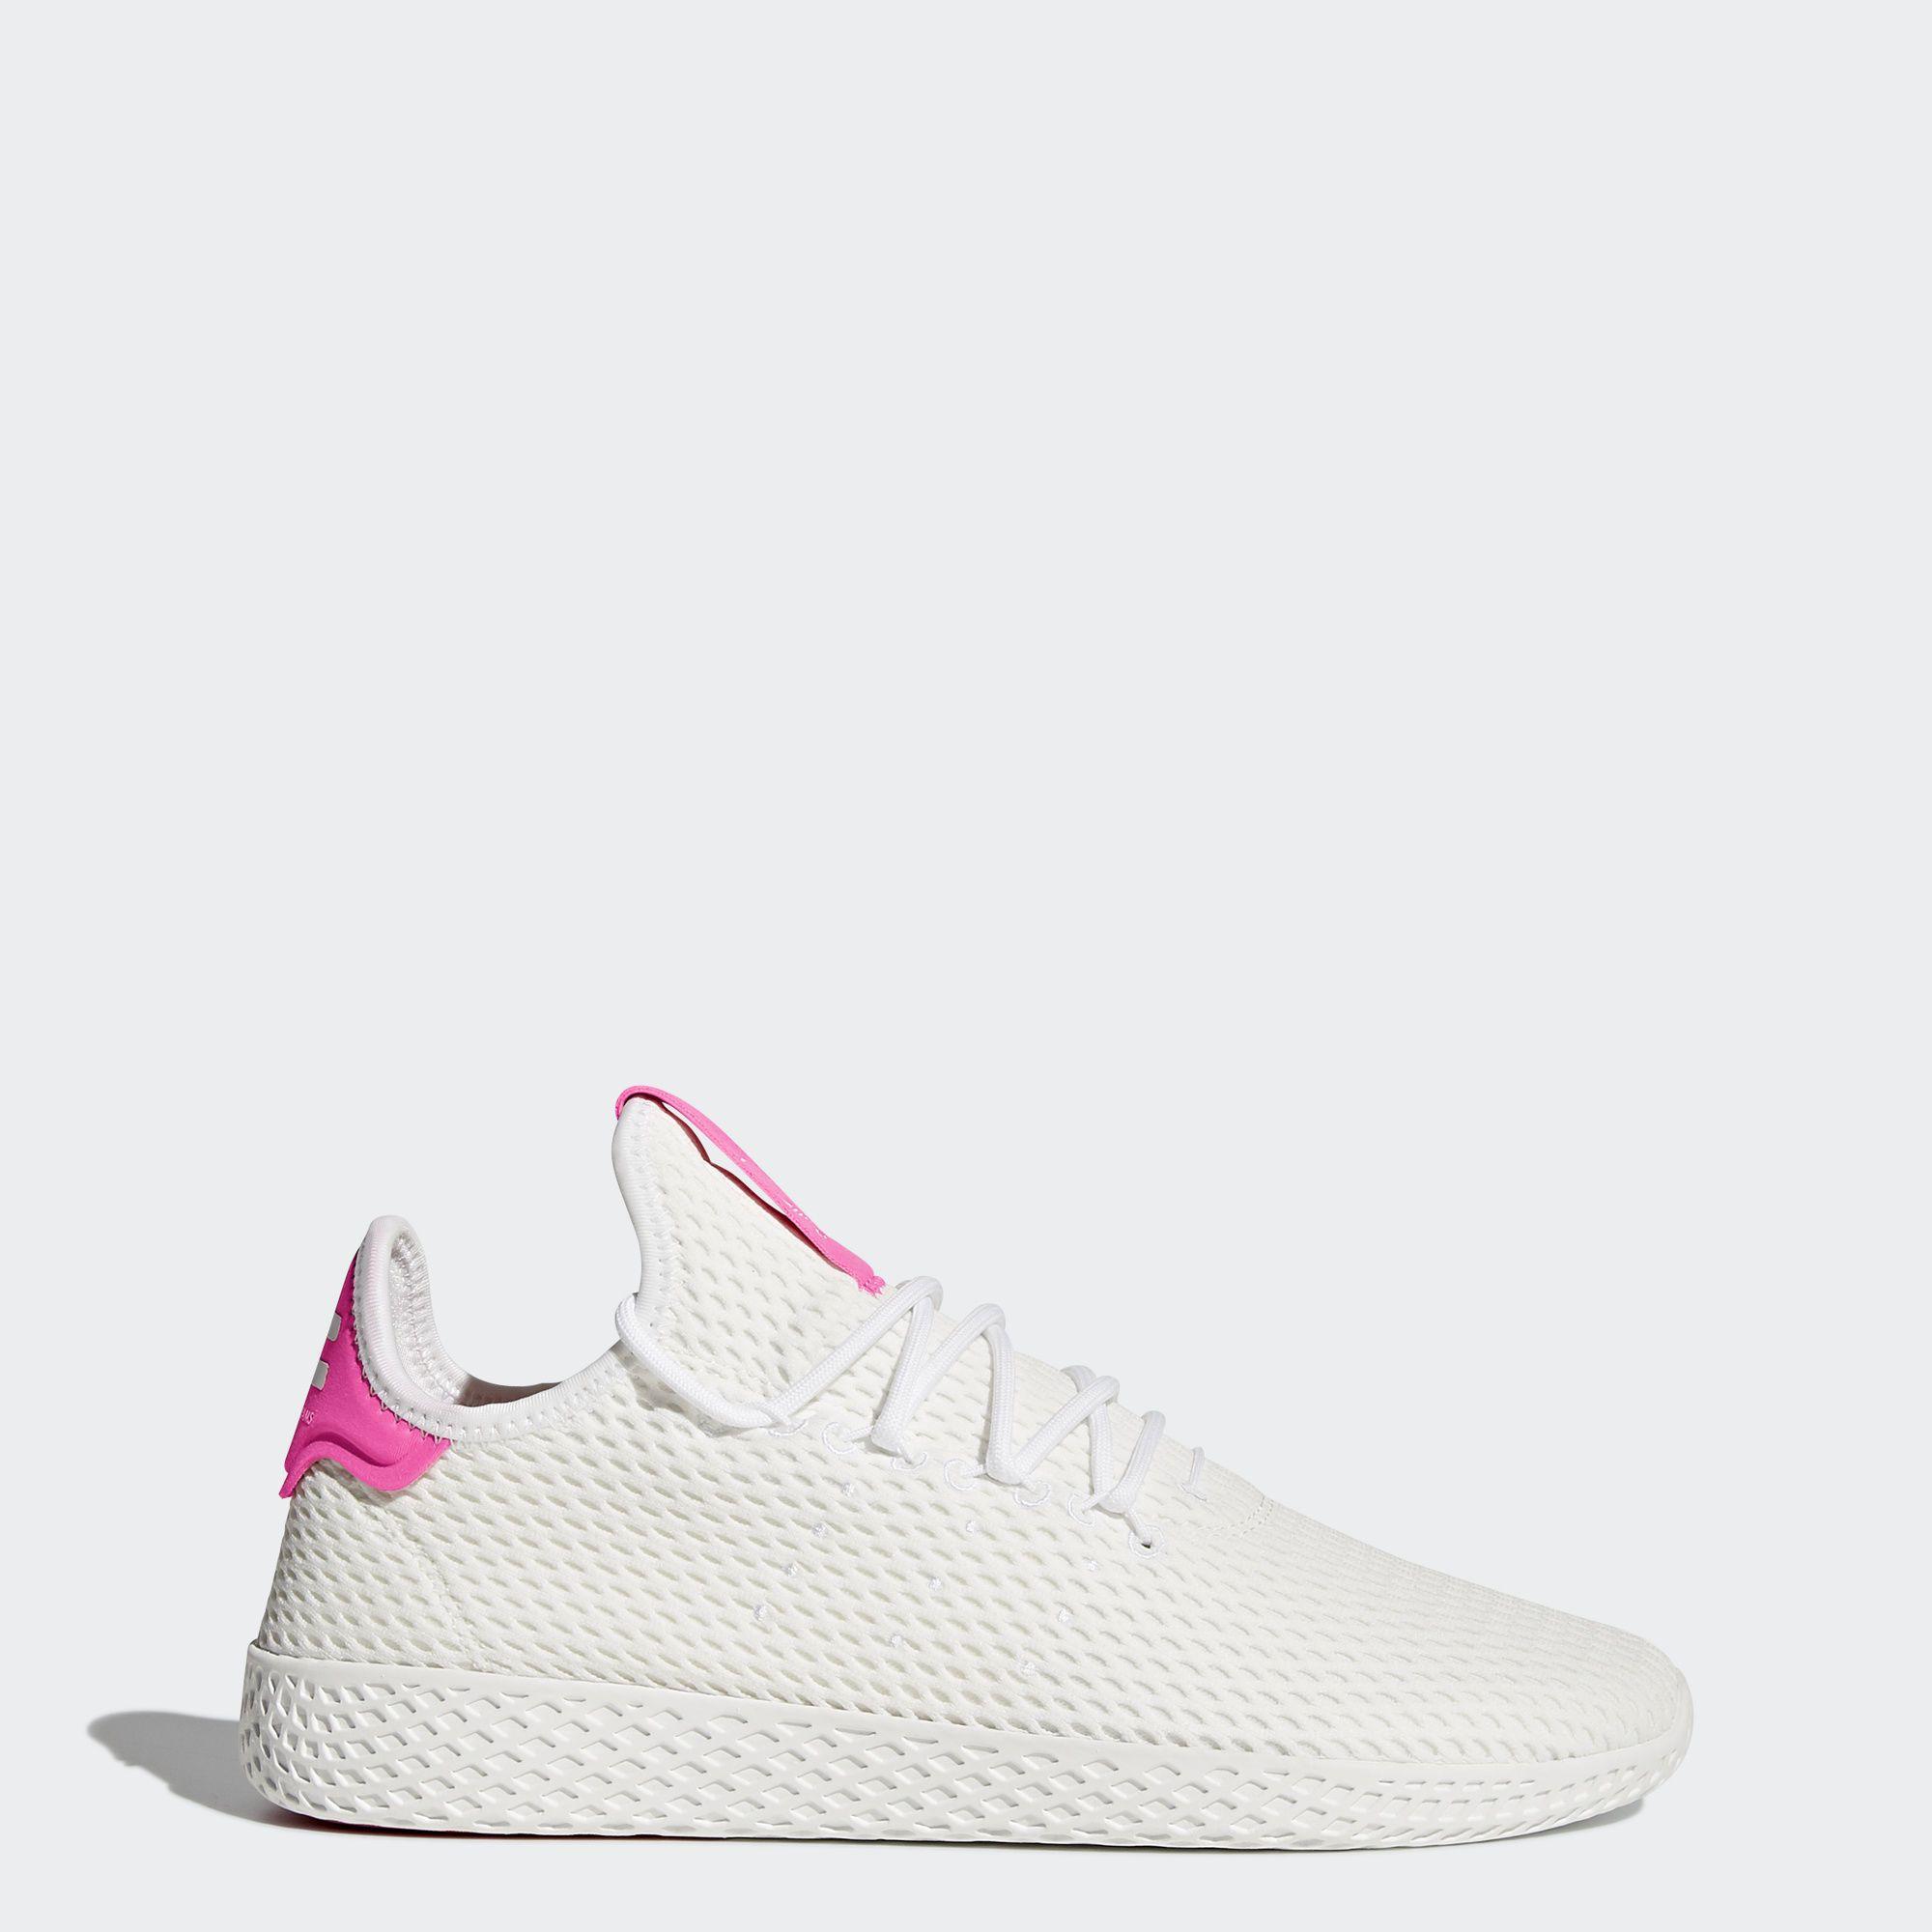 outlet store 26981 23789 Tenis Pharrell Williams Hu - Blanco en adidas.co! Descubre todos los  estilos y colores disponibles en la tienda adidas online en Colombia.